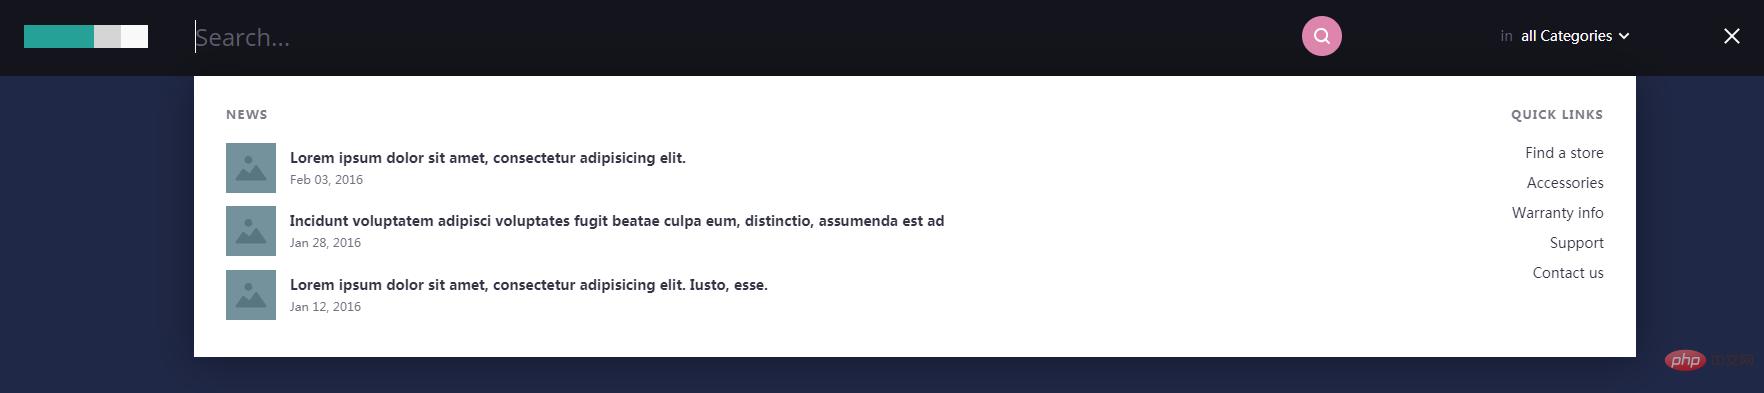 炫酷高級搜索框設計效果